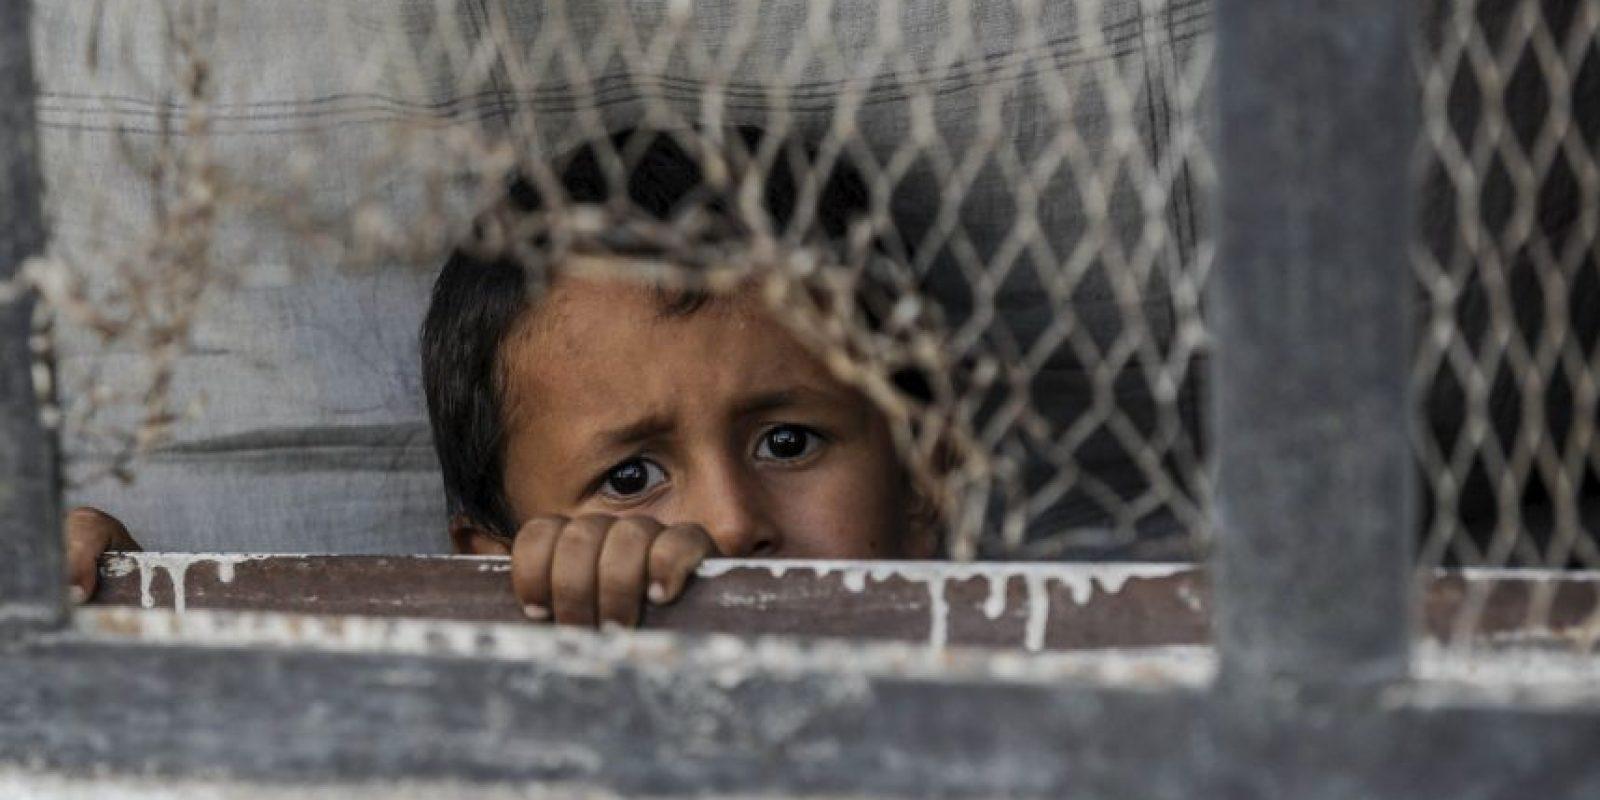 Los niños de Madaya, en Siria, siguen padeciendo la guerra Foto:Getty Images